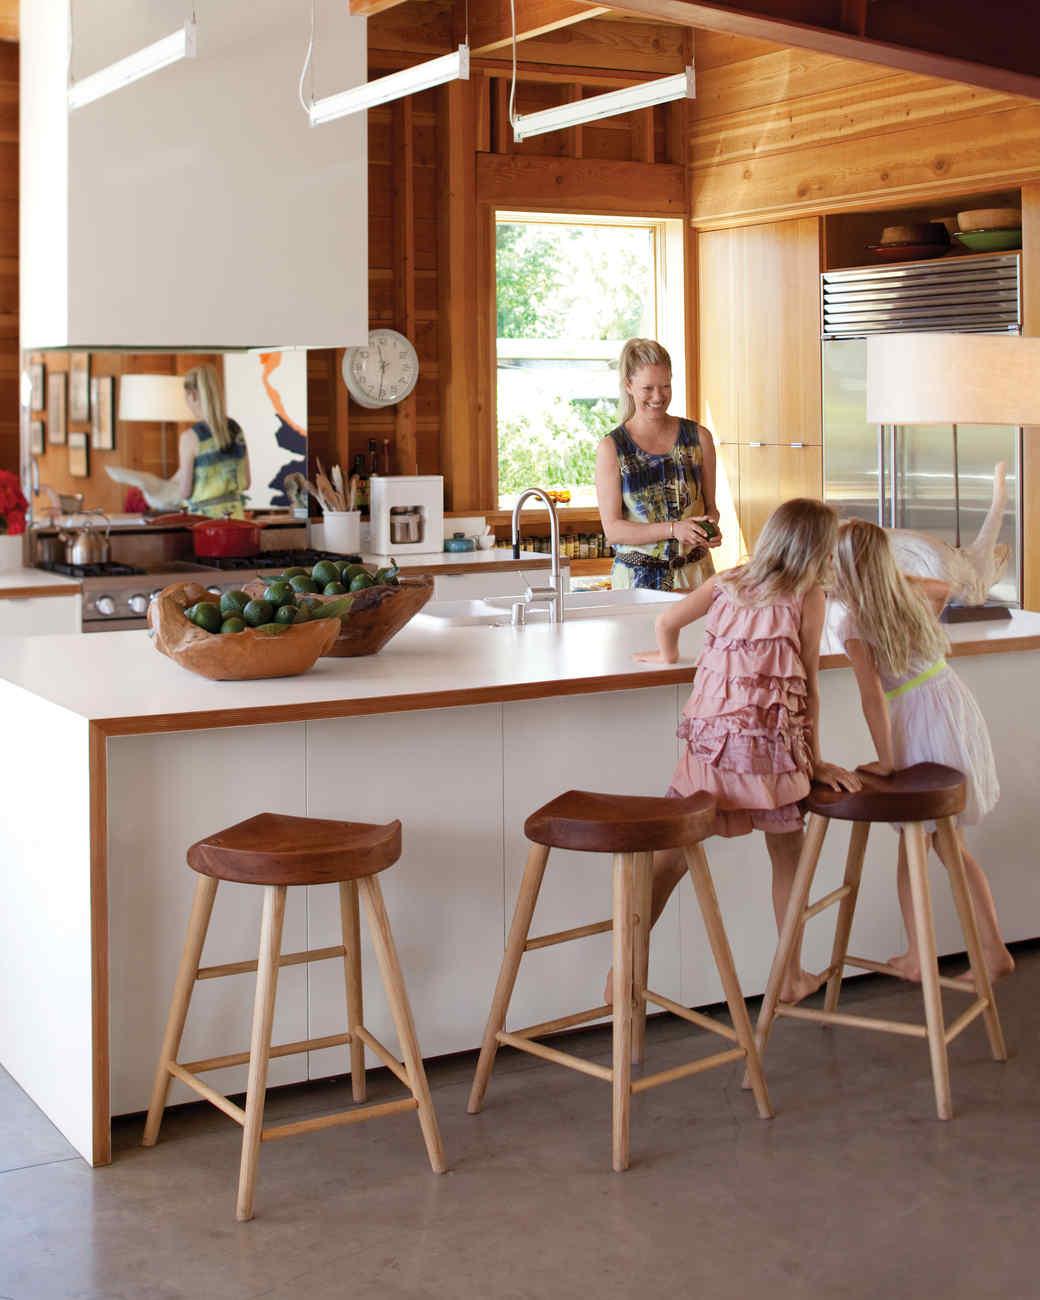 beach-house-kitchen-0811mld107442.jpg